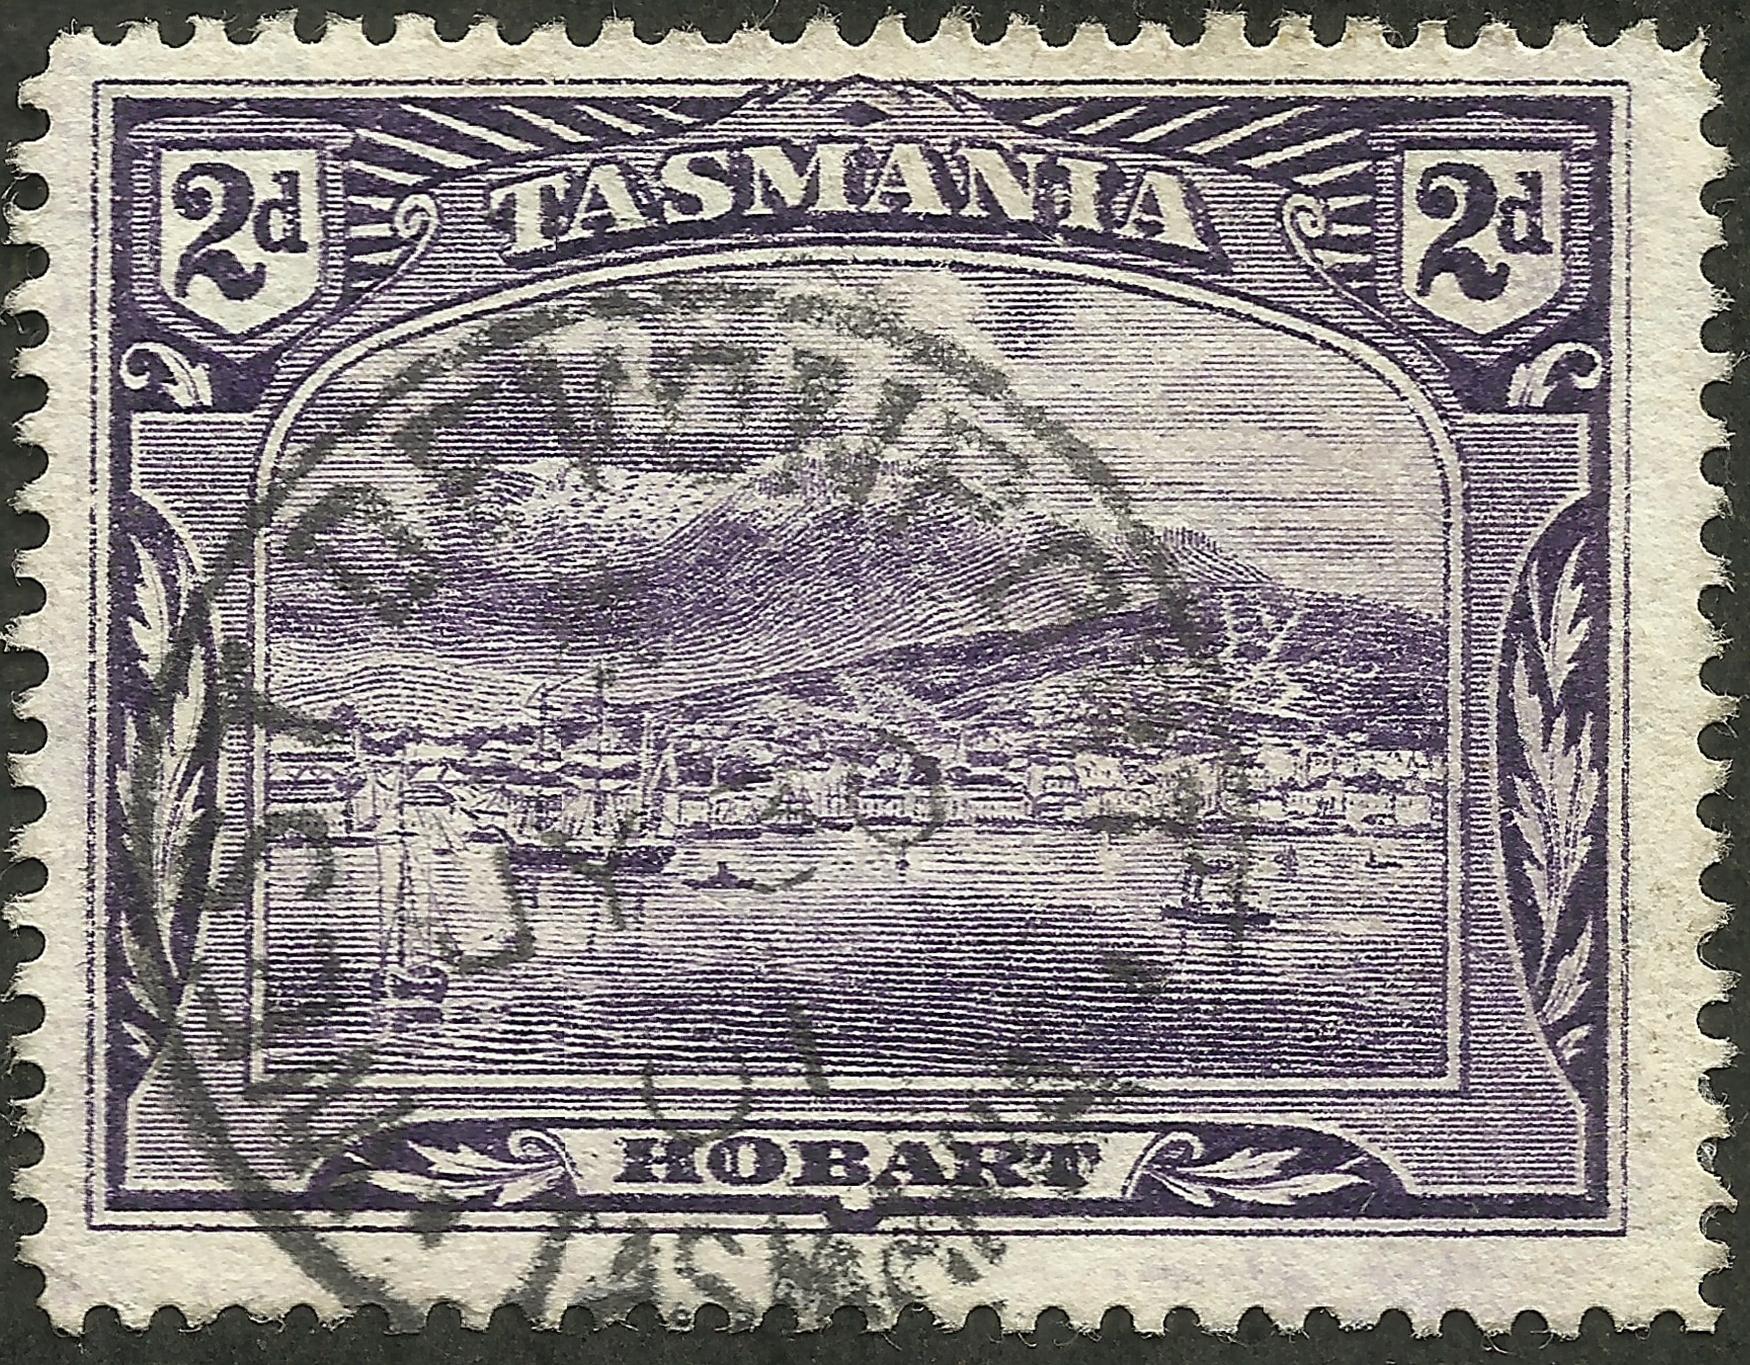 Tasmania #88 (1899)